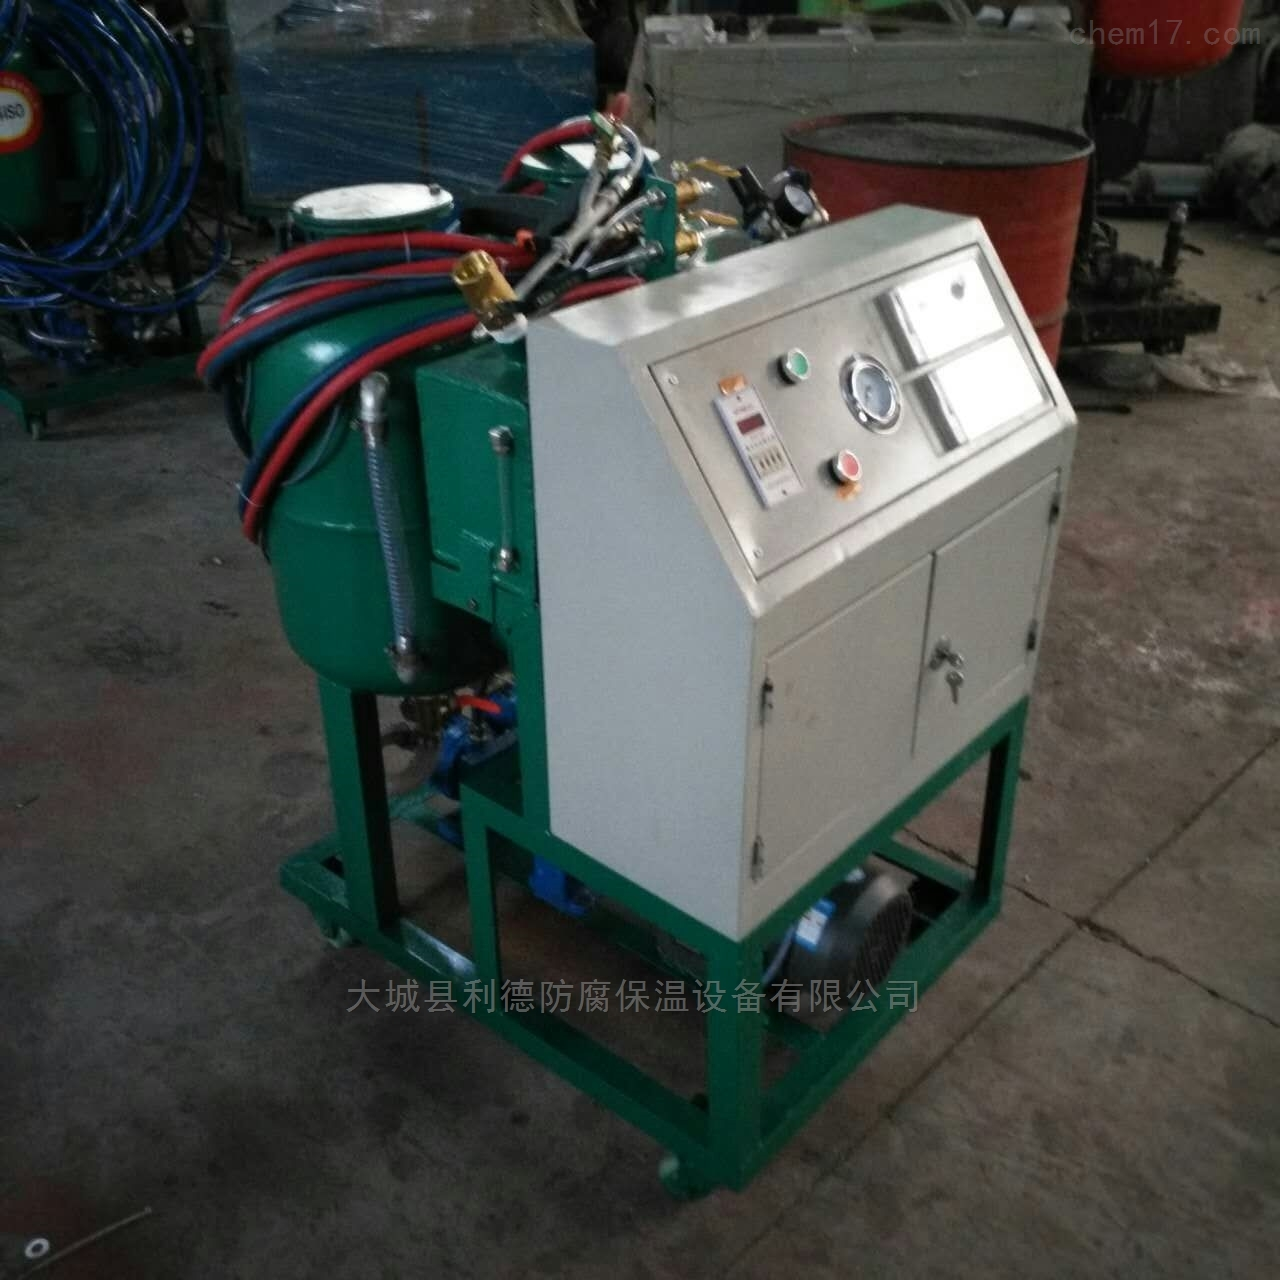 聚氨酯喷涂机设备